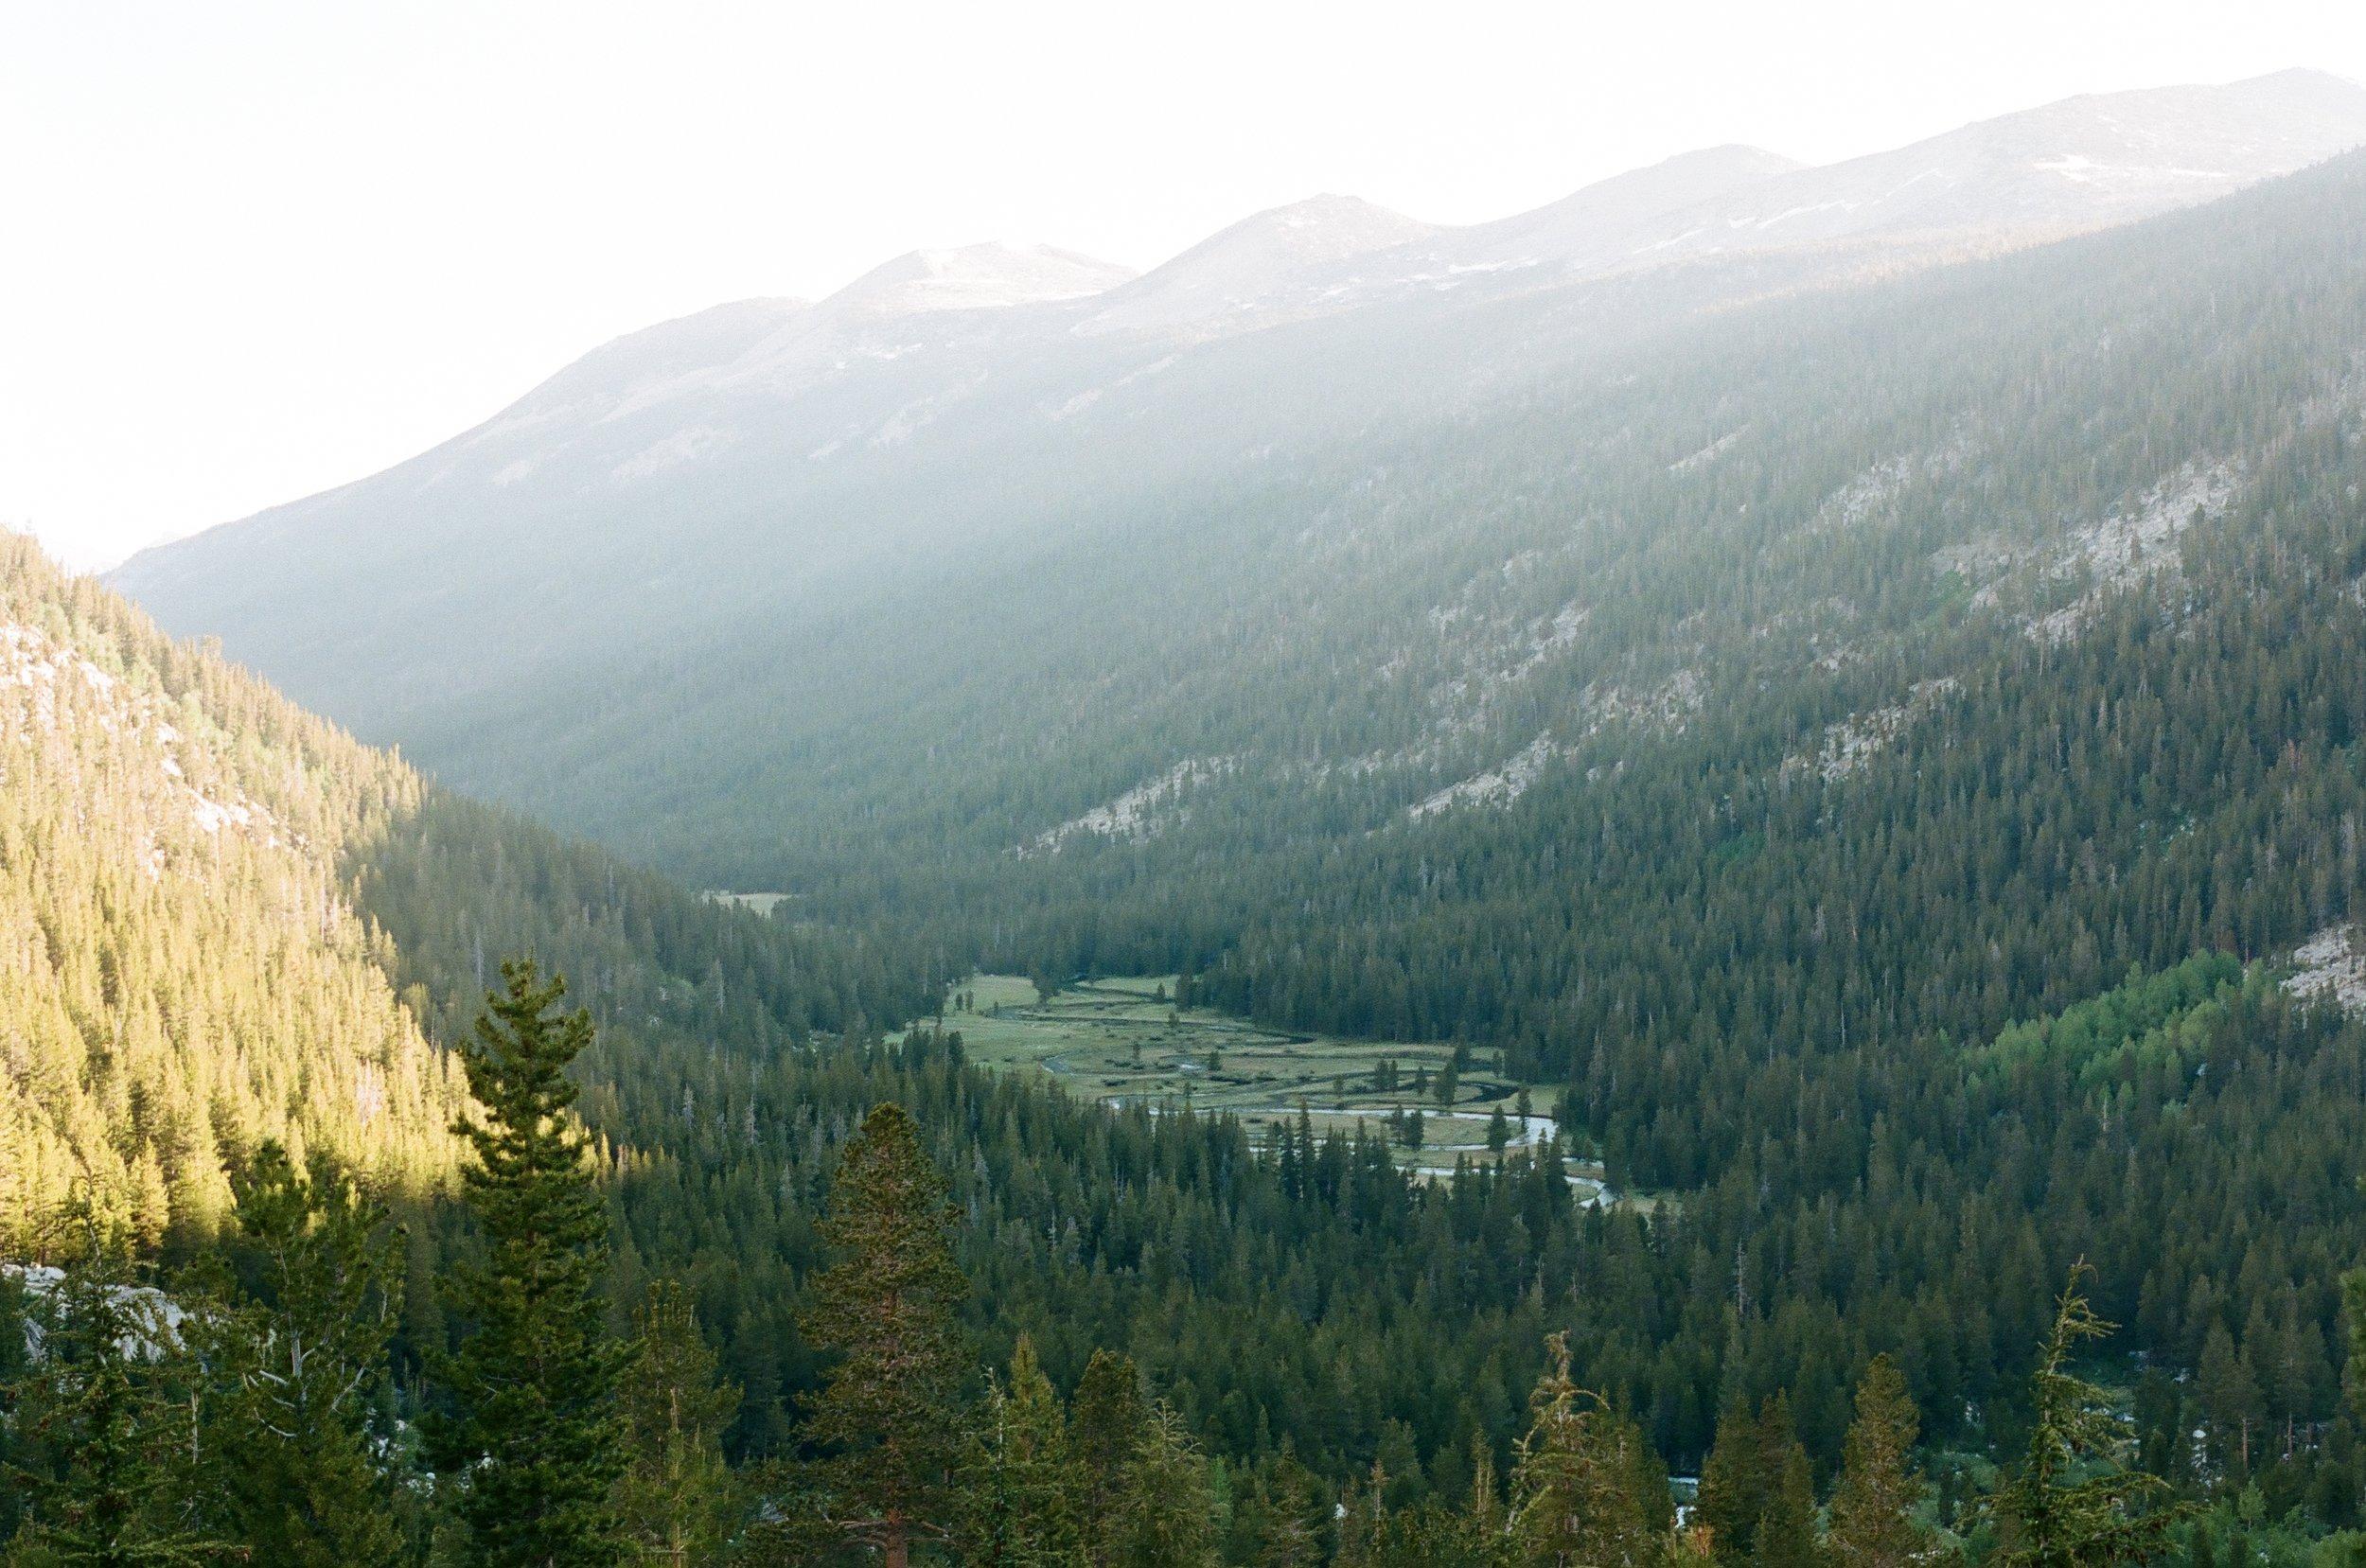 Looking back at Lyell Canyon, 35mm film